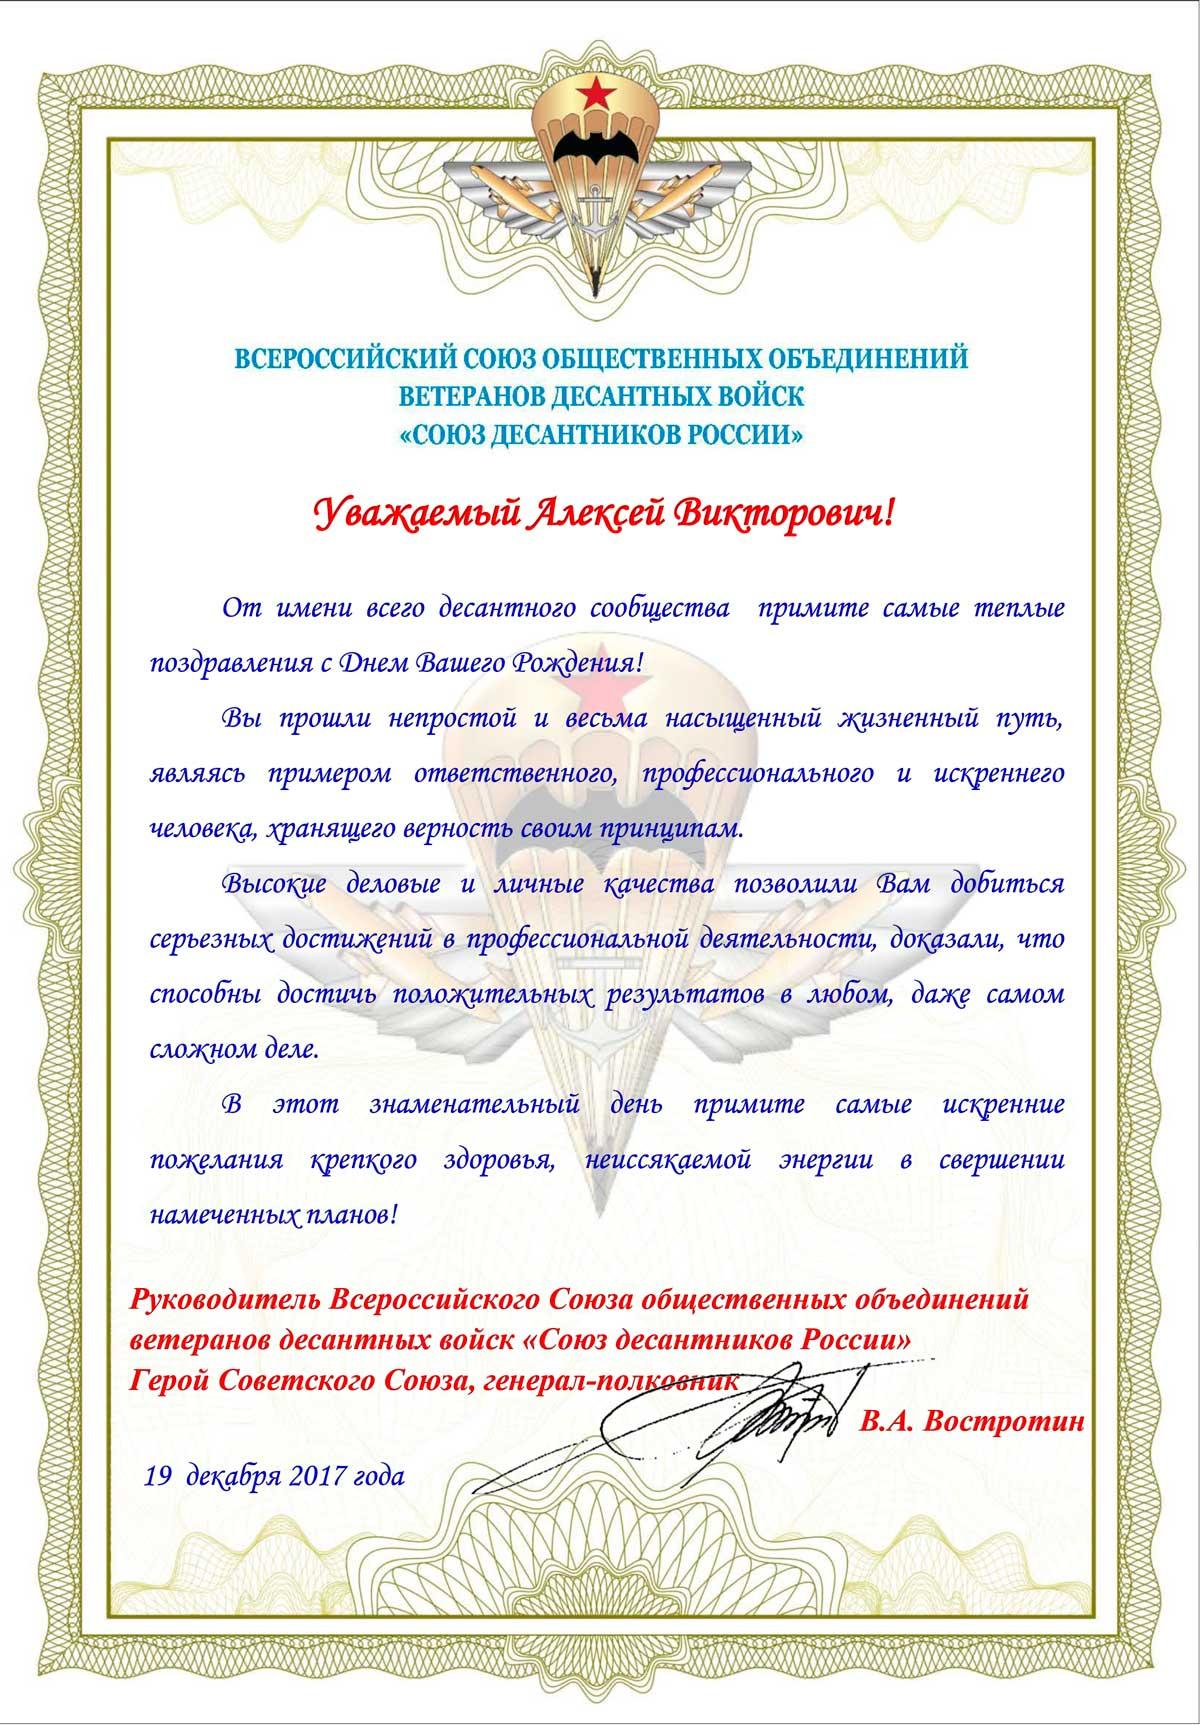 ПОЗДРАВЛЯЕМ С ДНЕМ РОЖДЕНИЯ ЧЛЕНА НАБЛЮДАТЕЛЬНОГО СОВЕТА СОЮЗА ДЕСАНТНИКОВ РОССИИ РОМАНОВА АЛЕКСЕЯ ВИКТОРОВИЧА!